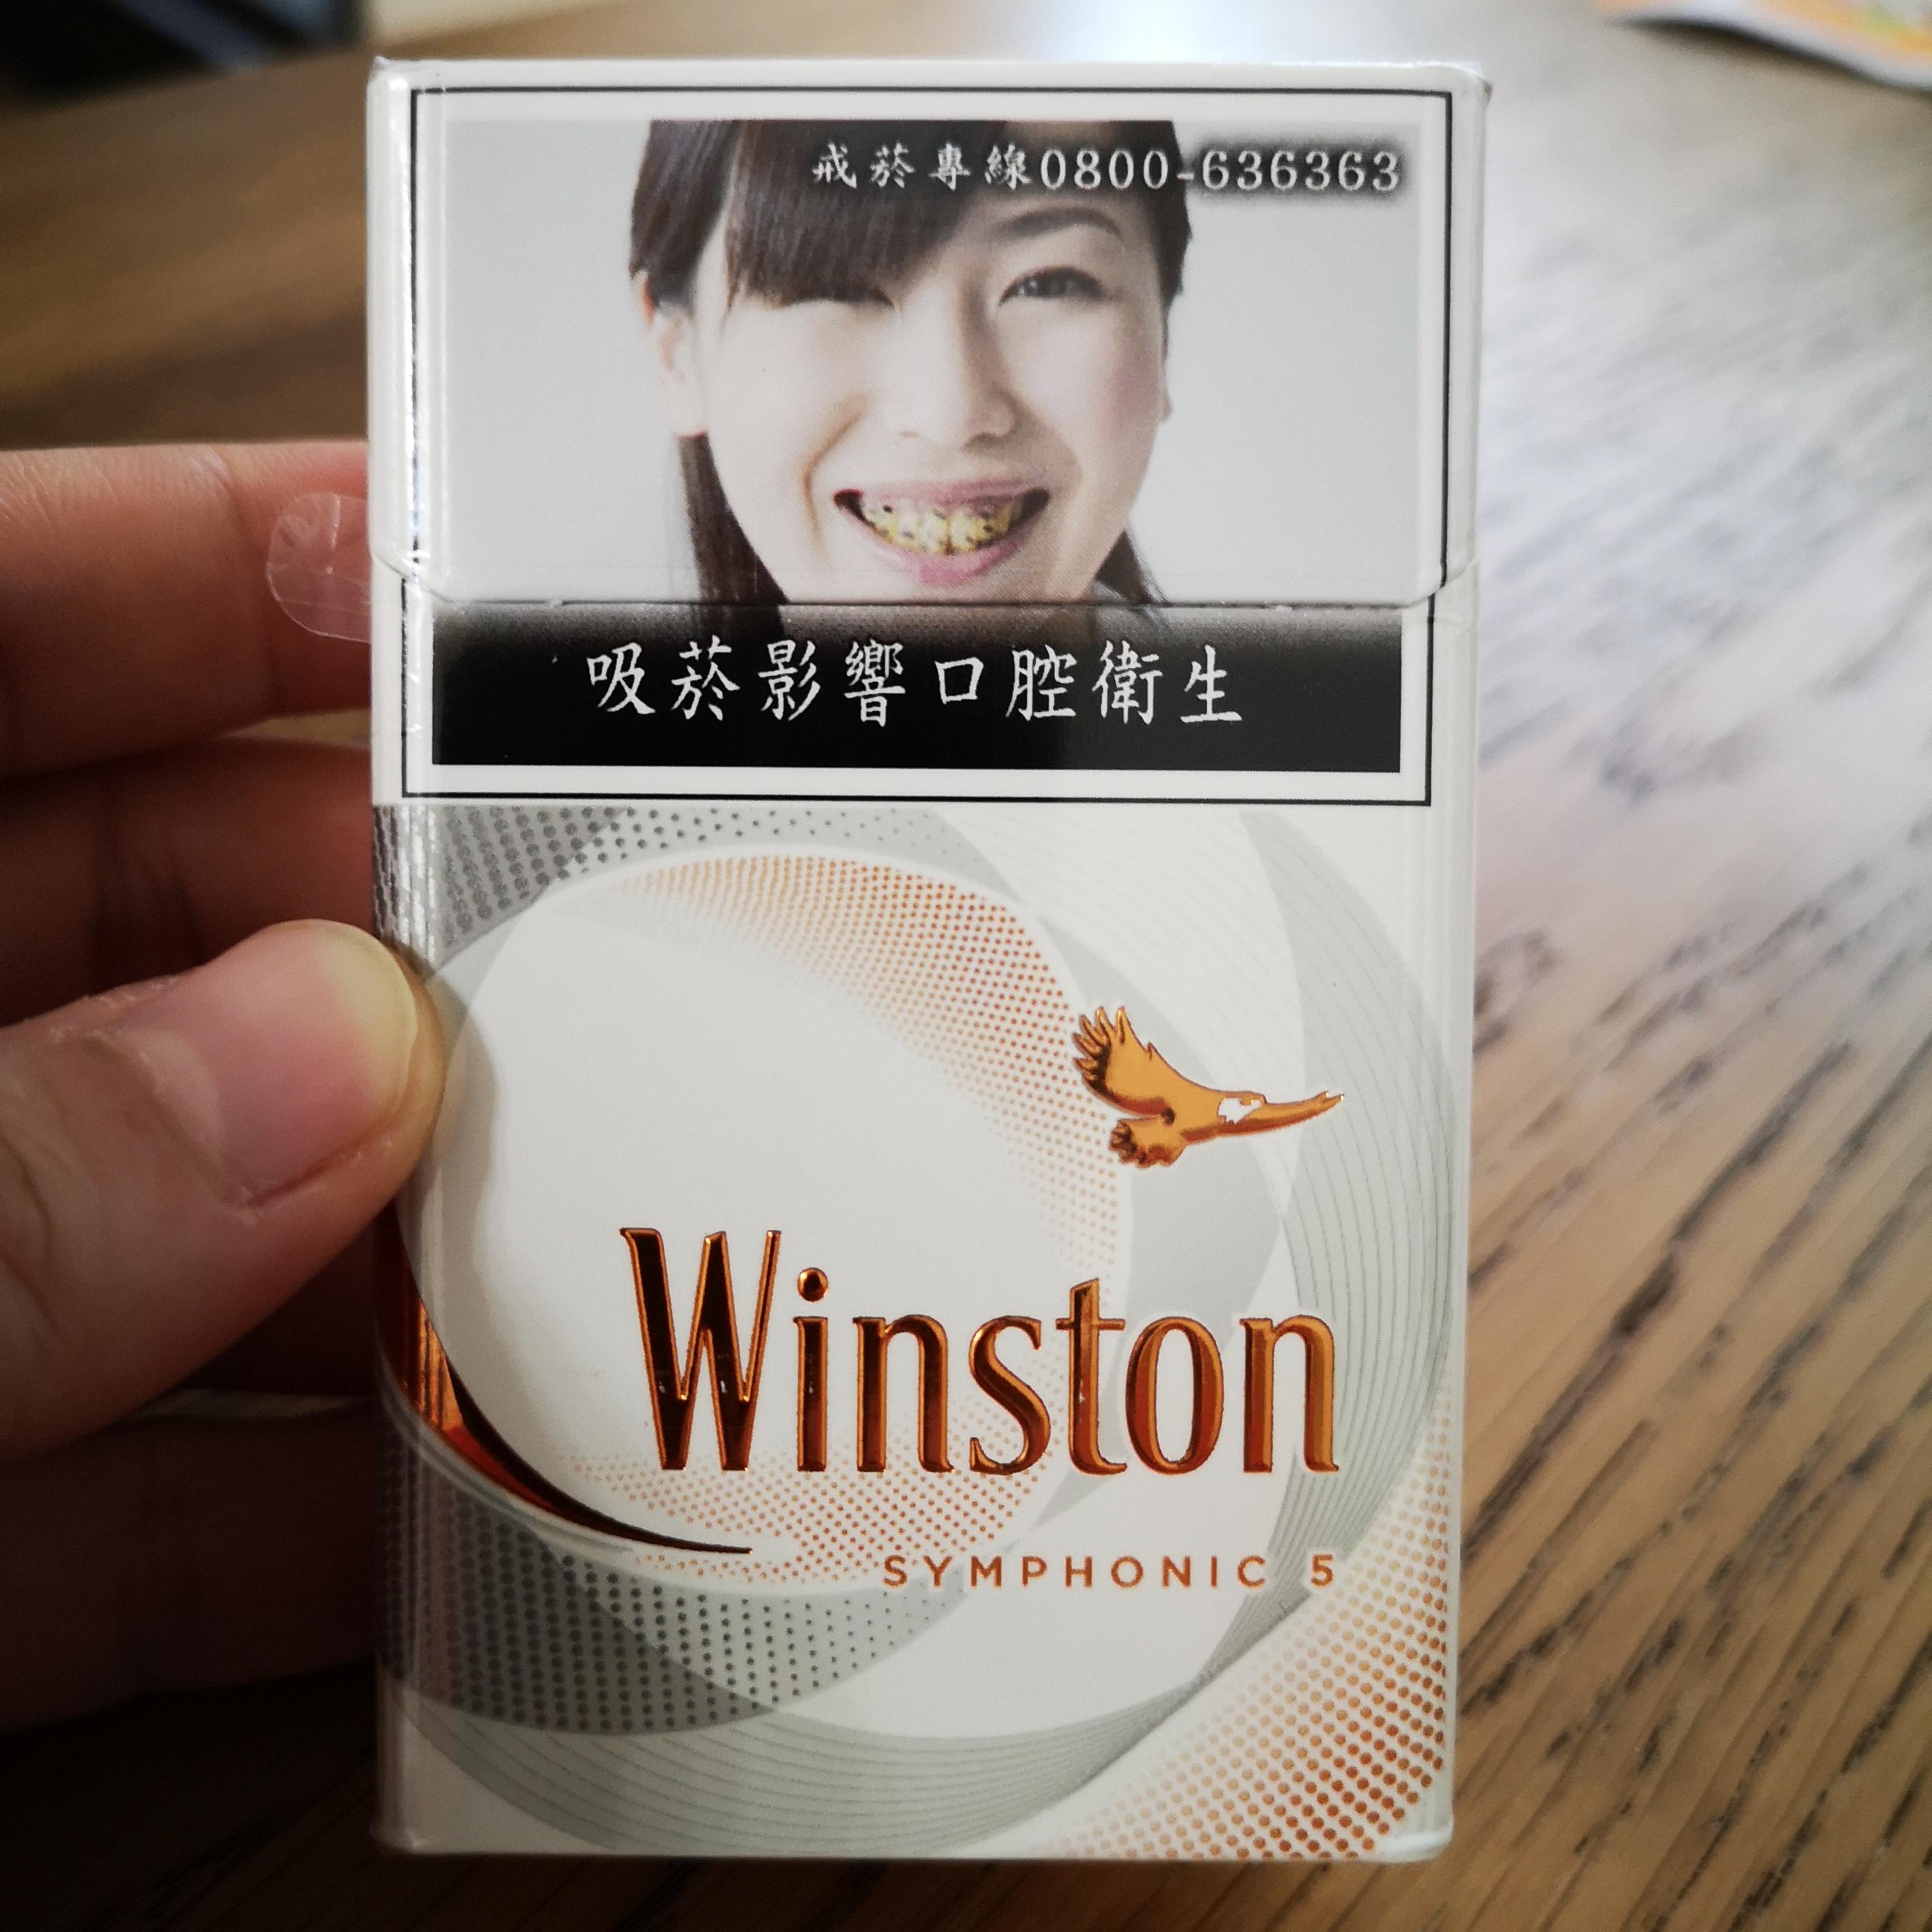 【生活雜寫】各品牌中淡濃度菸款整理,淡菸種類。大衛杜夫 白色 煙 價格,也被爆在服役期間出入聲色場所,觀看脫衣舞秀。(合成圖,我也是個花媽